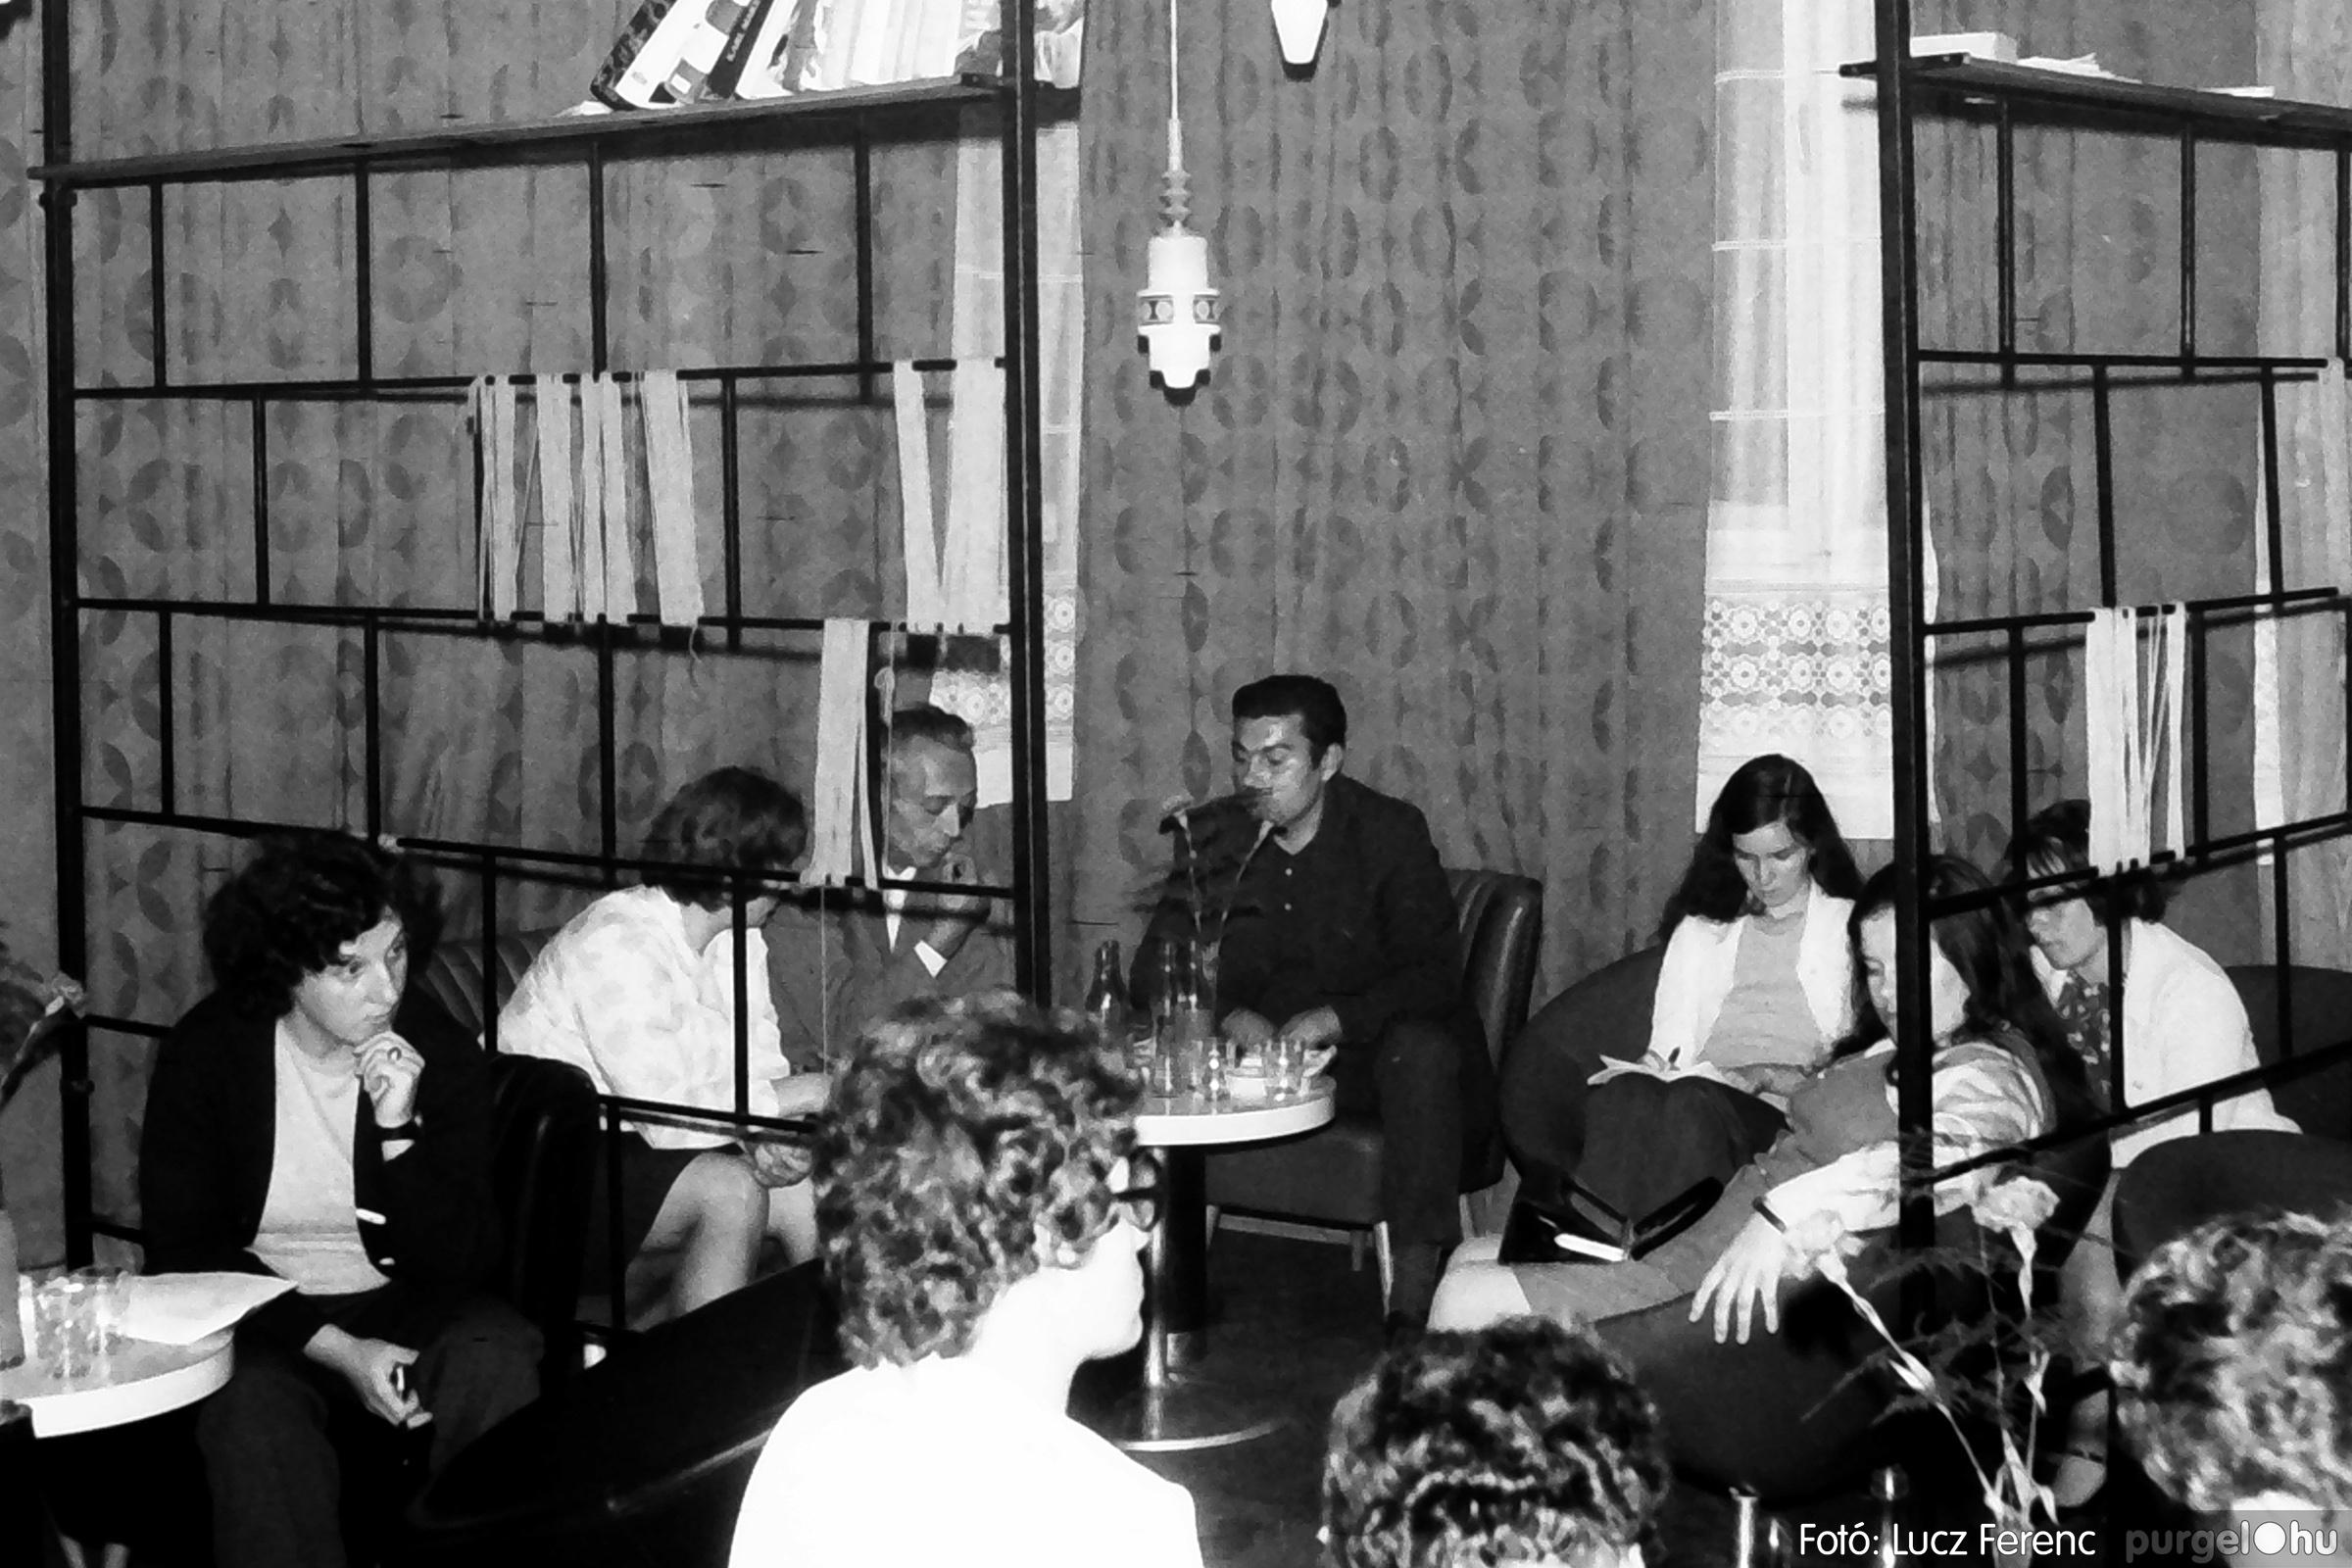 053. 1976. Klubdélután 004. - Fotó: Lucz Ferenc.jpg